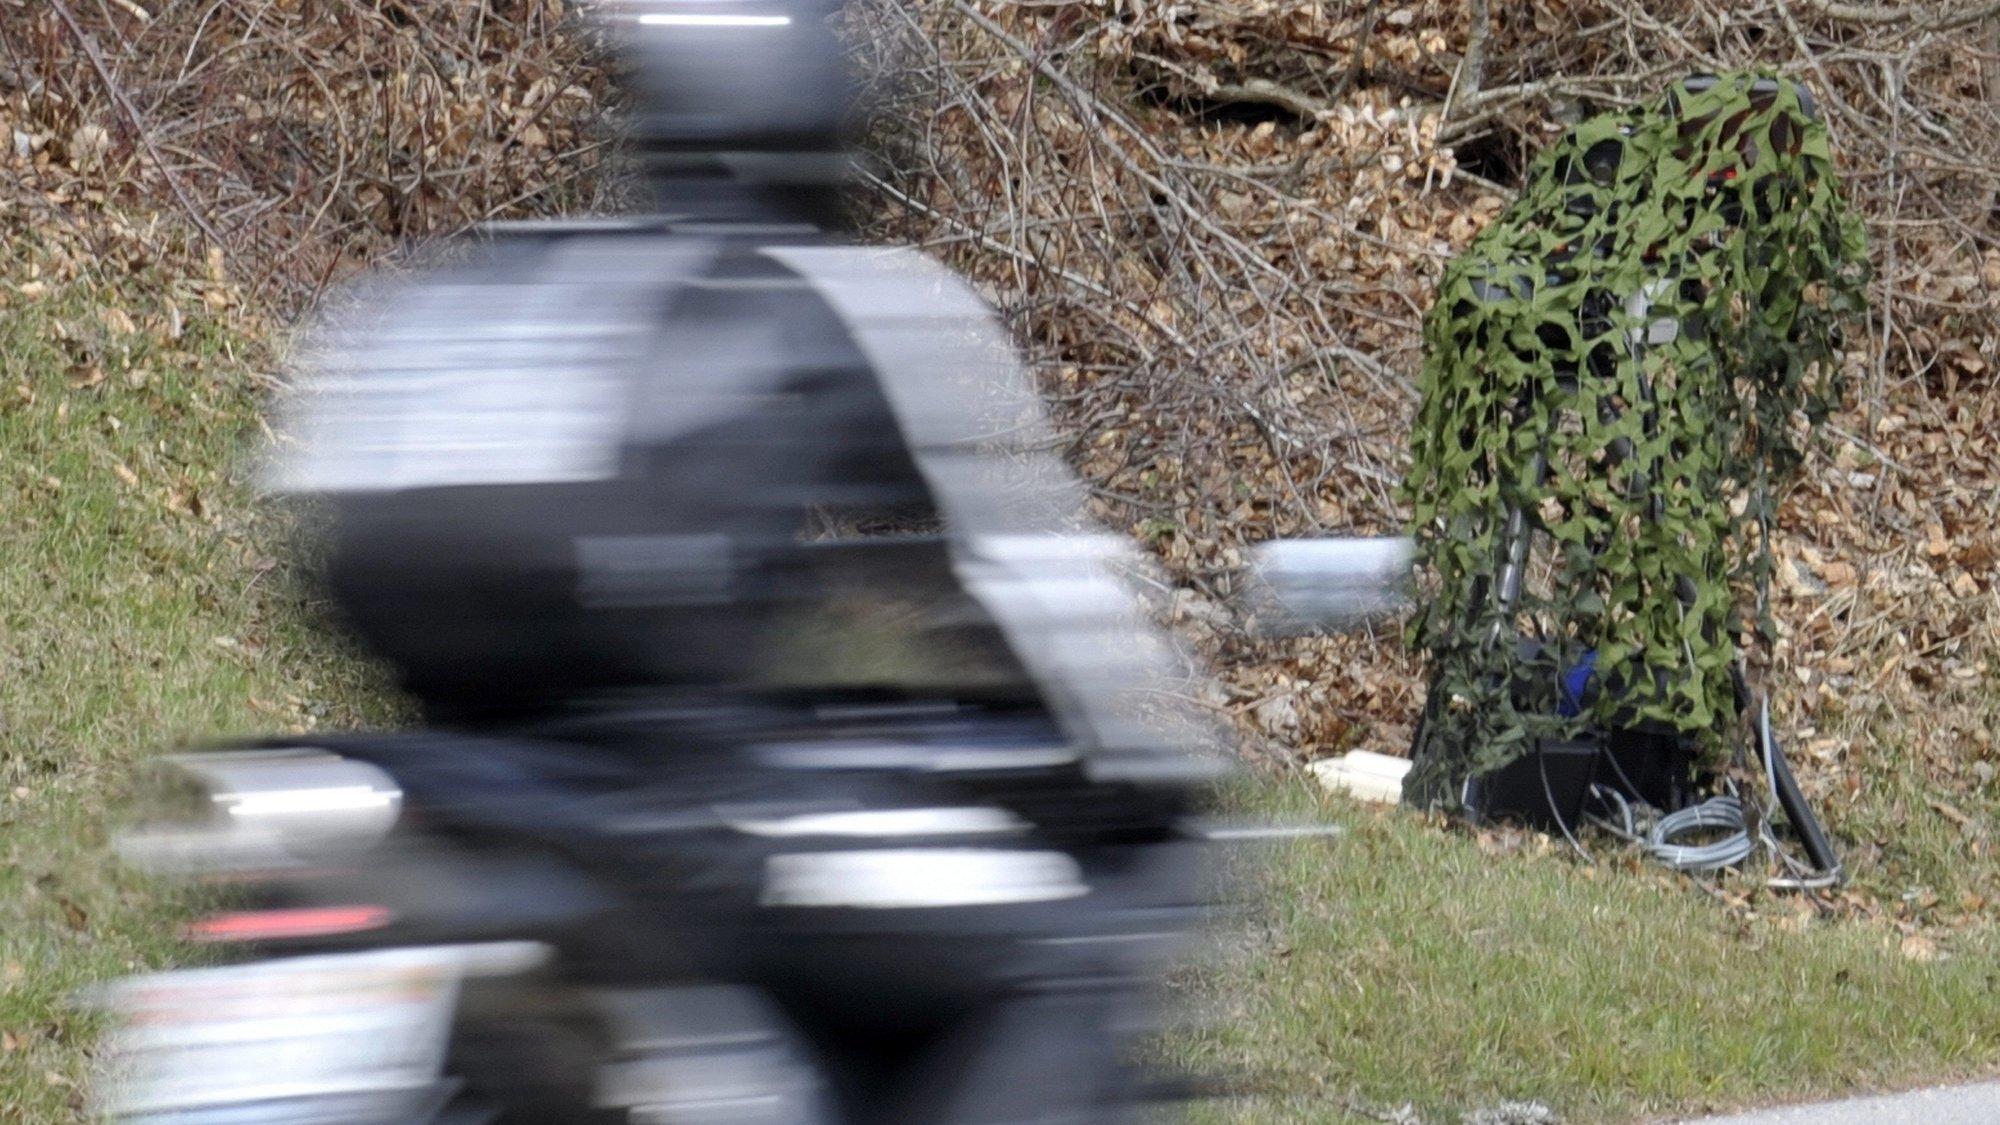 Faut-il des mesures contre les motos trop bruyantes?